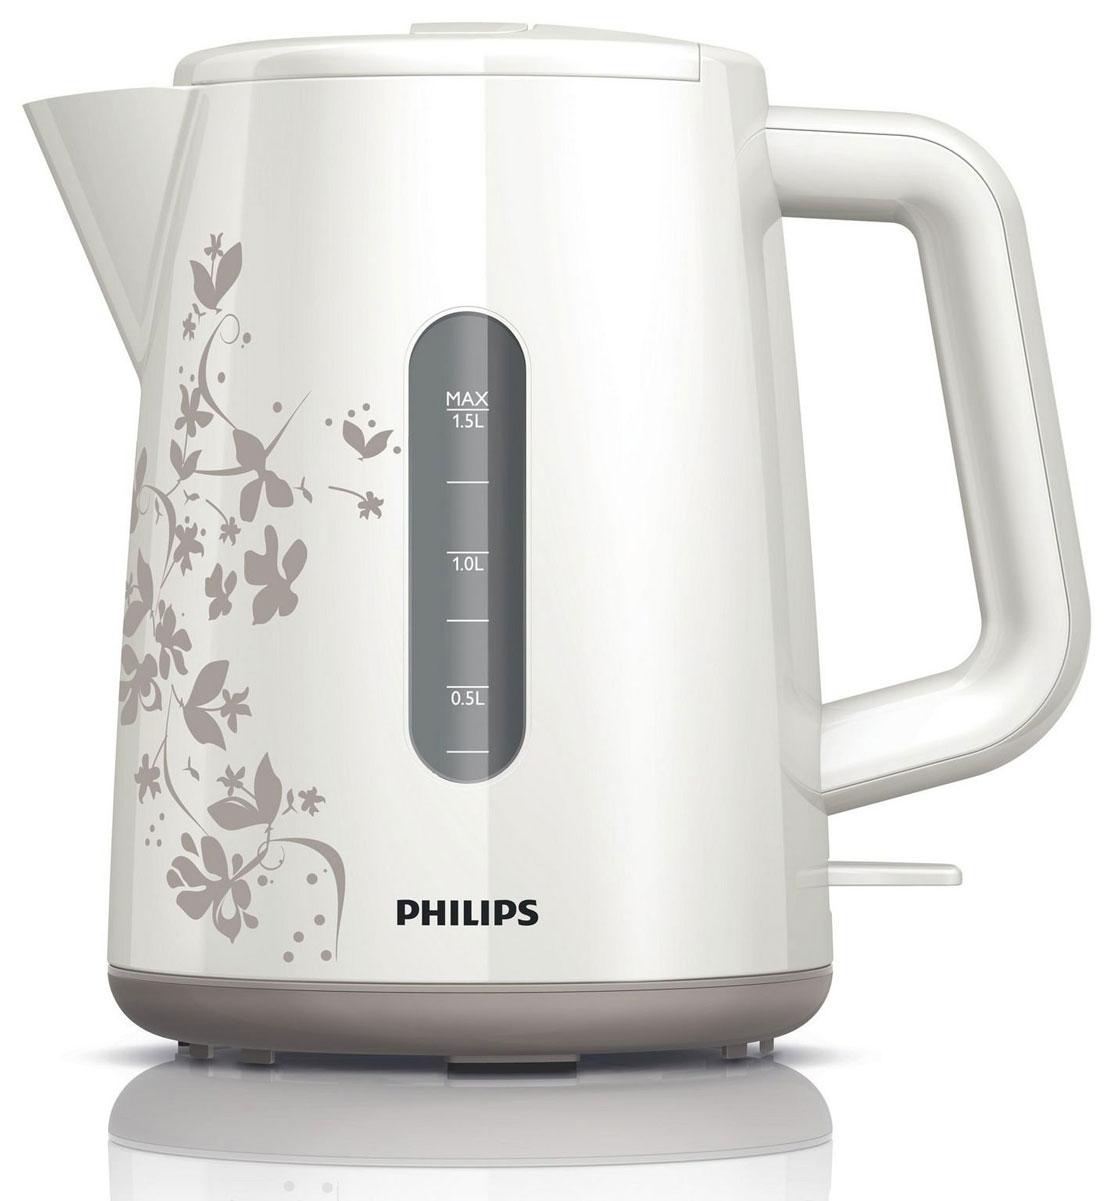 Philips HD9304/13 электрочайникHD9304/13Не правда ли, здорово за считаные секунды вскипятить воду и без лишних усилий очистить чайник? Плоский нагревательный элемент позволяет быстро вскипятить воду и прост в очистке. Благодаря моющемуся фильтру очистки от накипи вода становится чистой, а напитки - без частиц известкового осадка. Широко открывающаяся откидная крышка для удобства наполнения и чистки чайника Широко открывающаяся откидная крышка для удобства наполнения и чистки чайника исключает контакт с паром. Индикаторы уровня воды с двух сторон чайника Индикаторы уровня воды по обеим сторонам электрического чайника Philips будут удобны и для правшей, и для левшей. Беспроводная подставка с поворотом на 360° для удобства использования. Наполнить чайник можно через носик или открыв крышку. Фильтр для защиты от накипи обеспечивает чистоту воды и чайника. Катушка для удобного хранения шнура Шнур оборачивается вокруг основания, что позволяет...